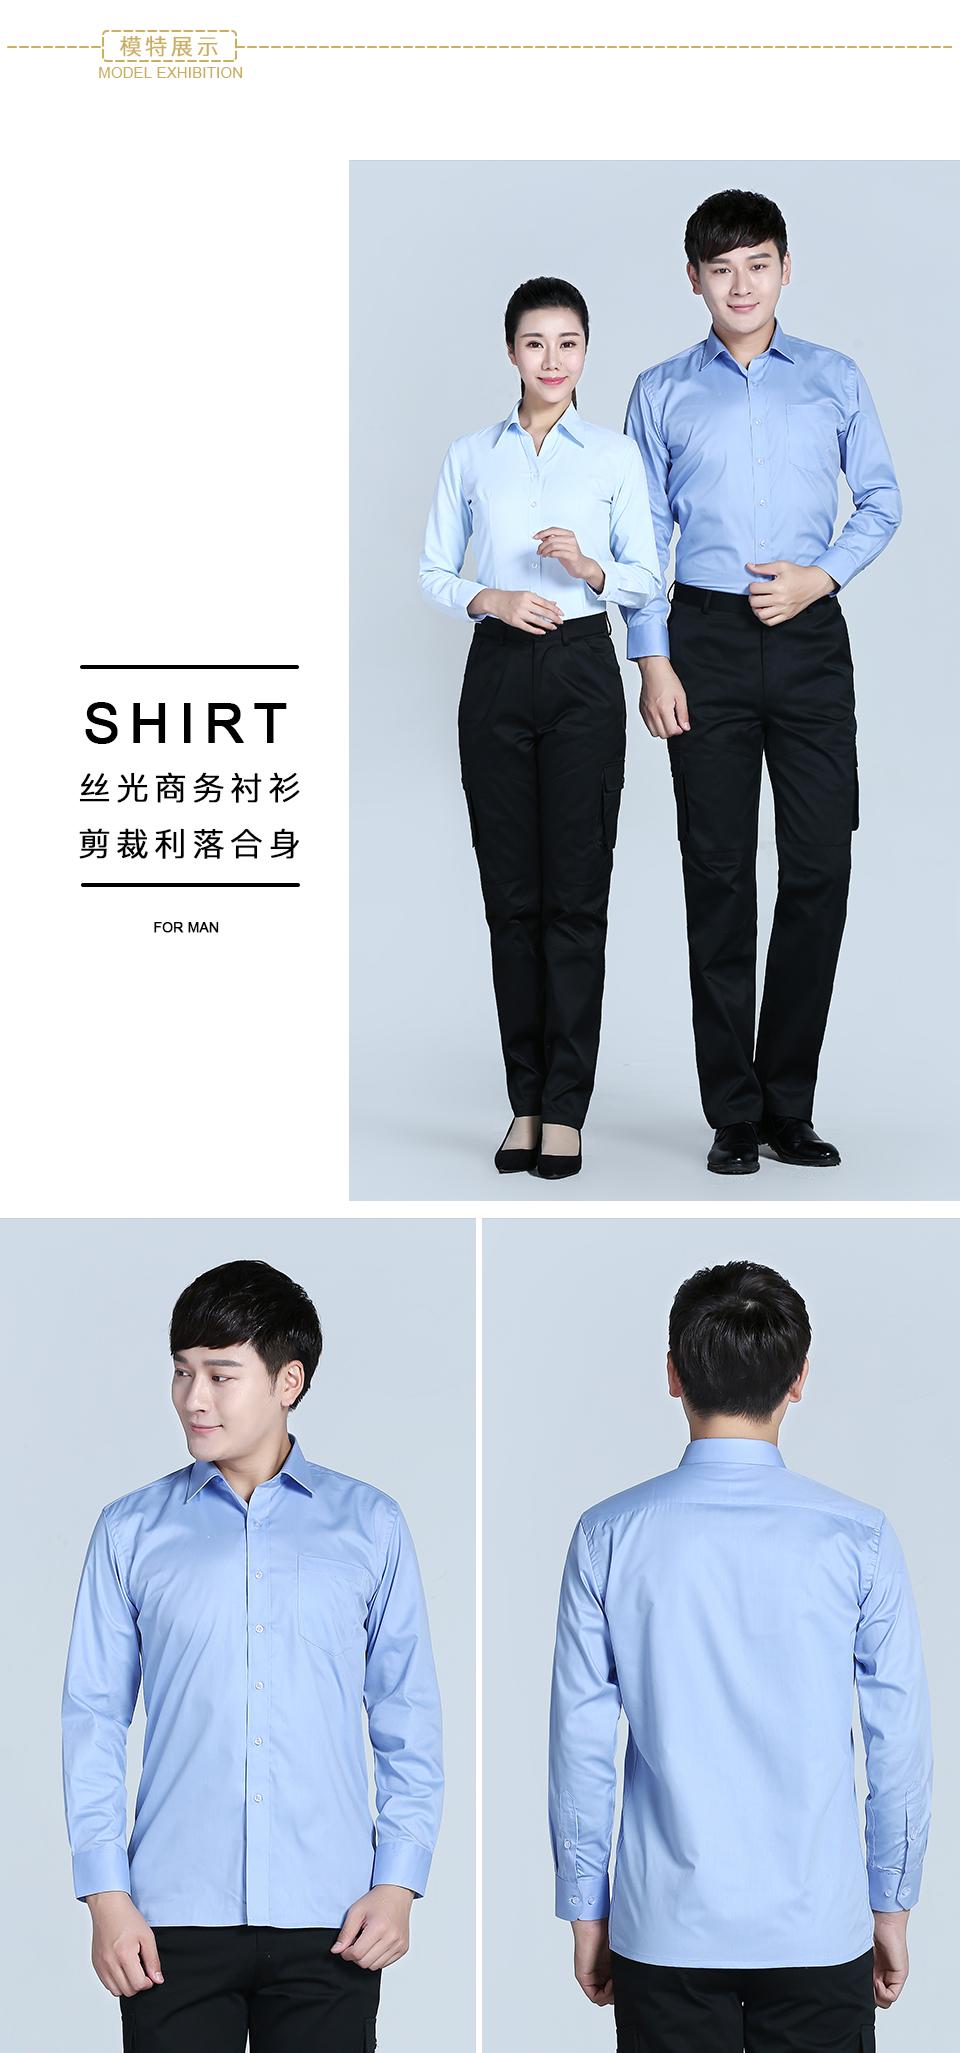 新款浅蓝女60棉80双织浅蓝长袖衬衫